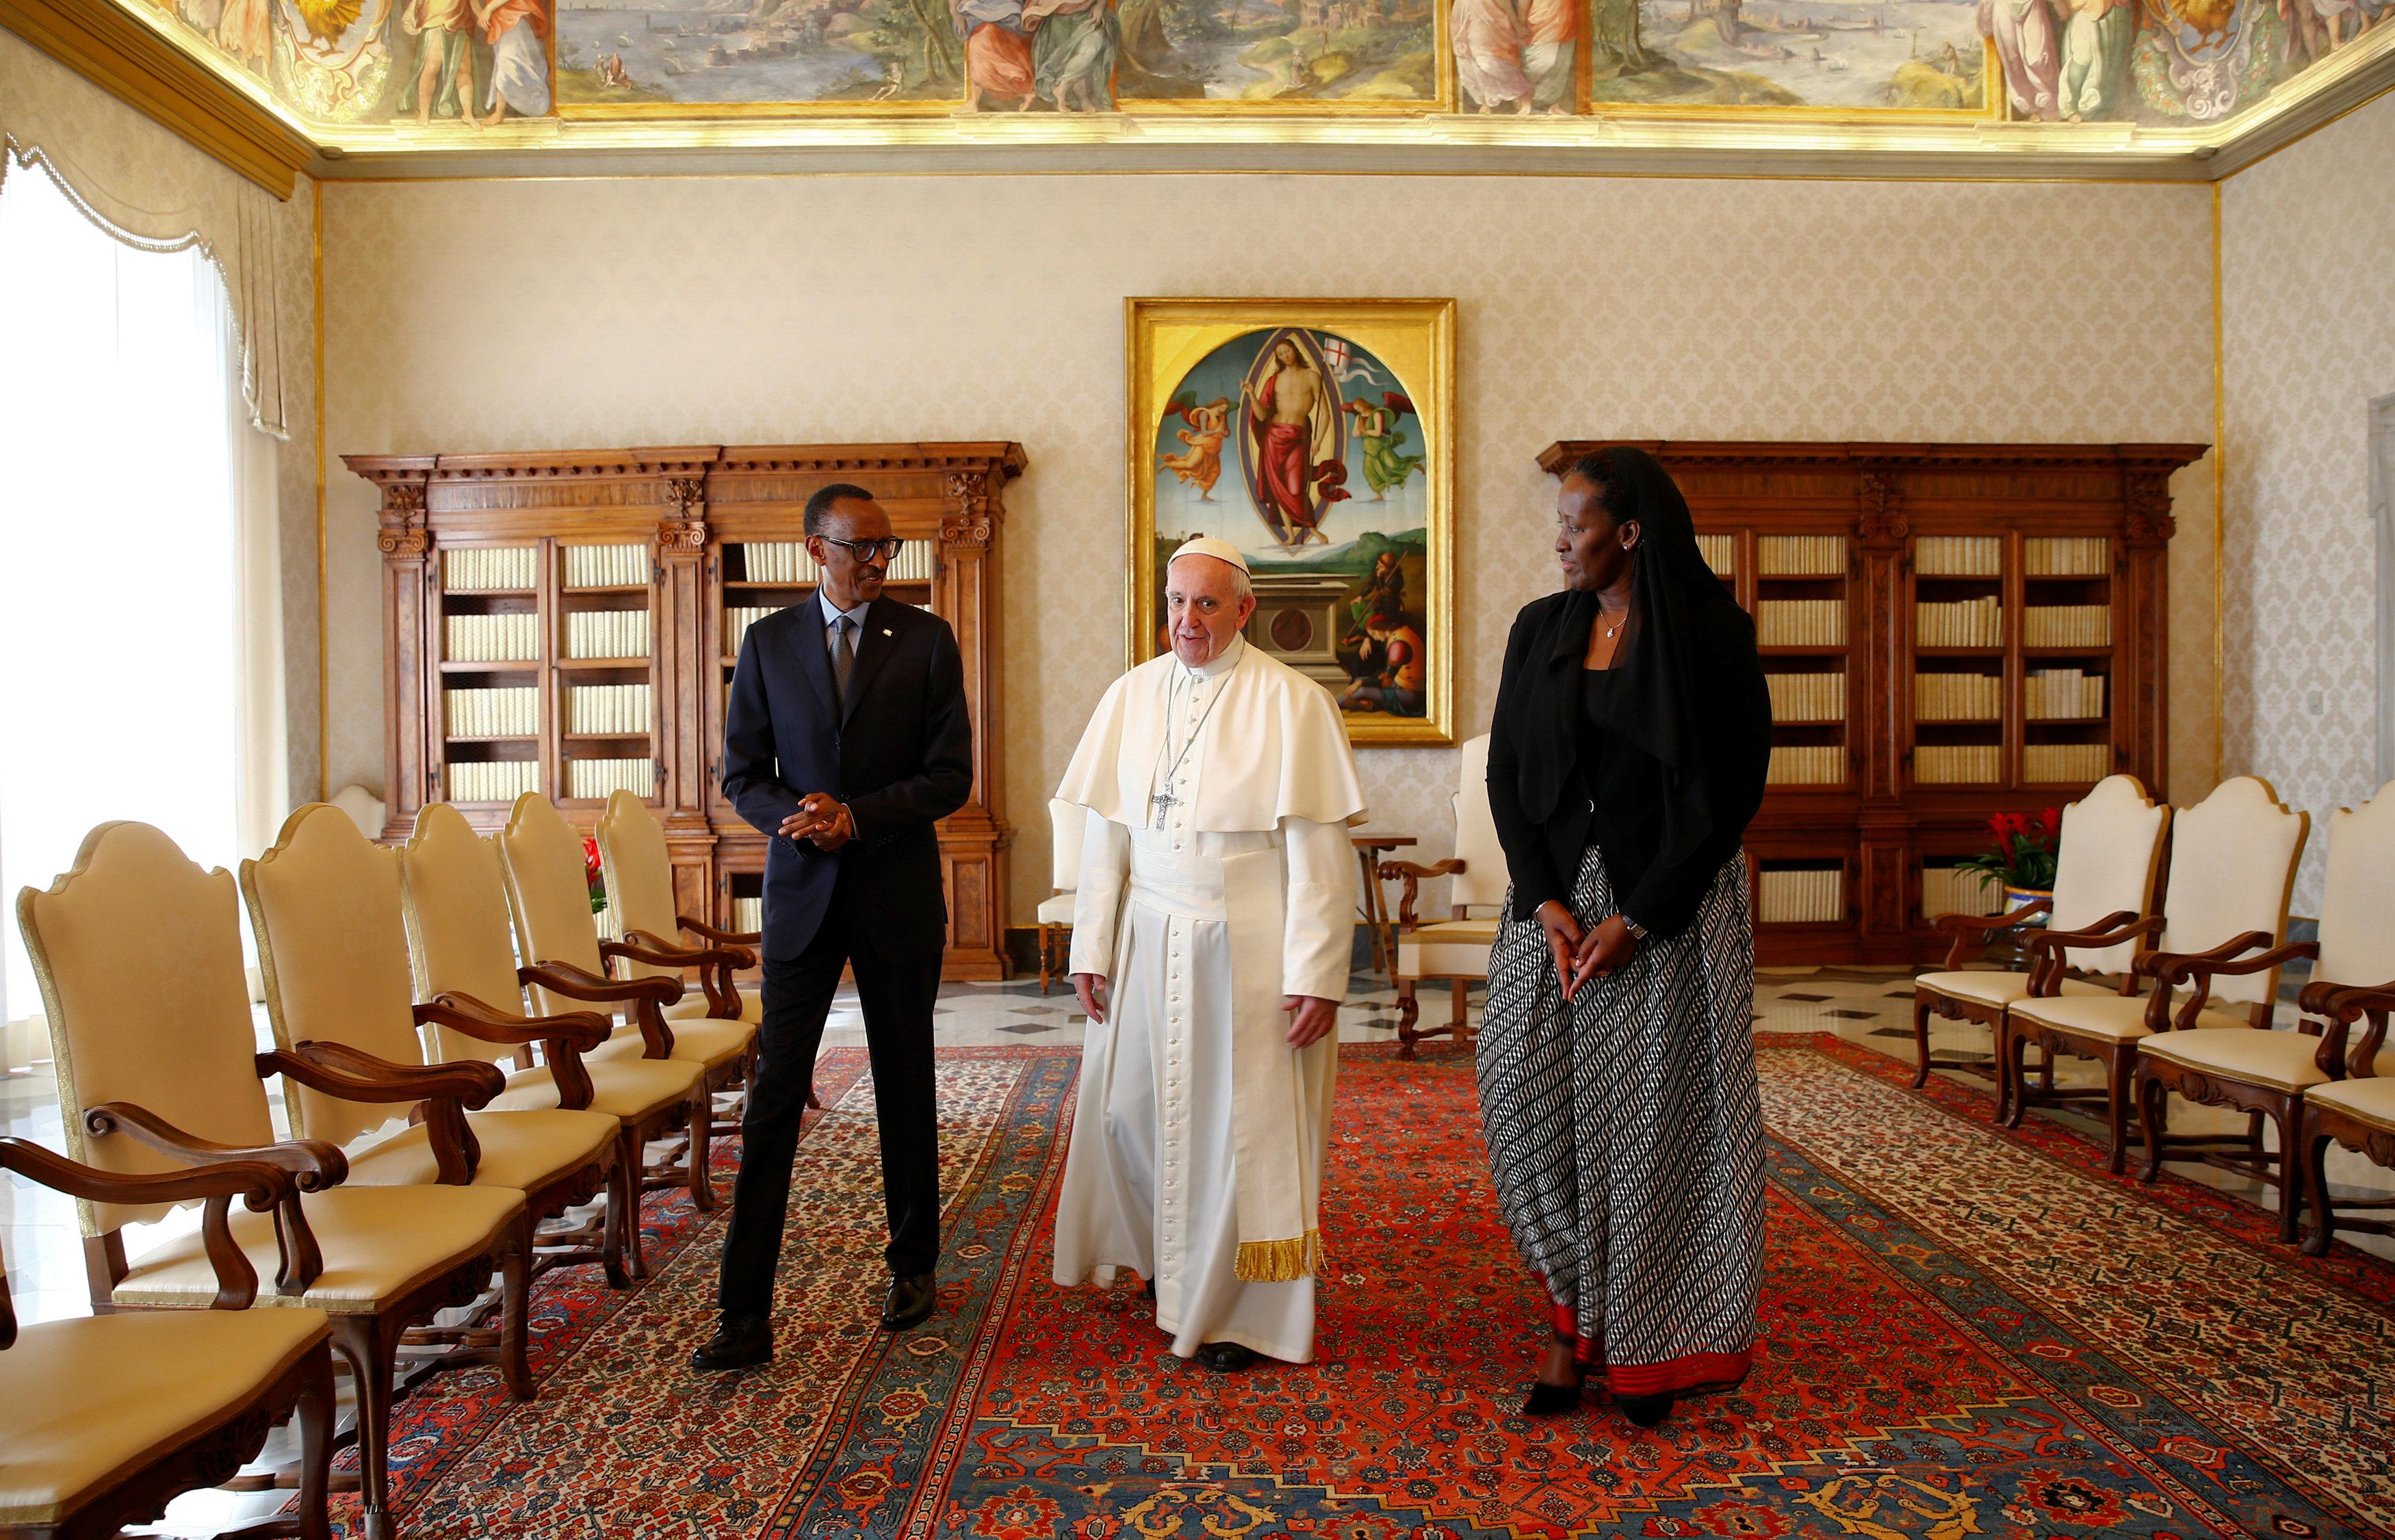 2017 03 20T110407Z 834412129 RC1D60CE0E00 RTRMADP 3 POPE VATICAN RWANDA